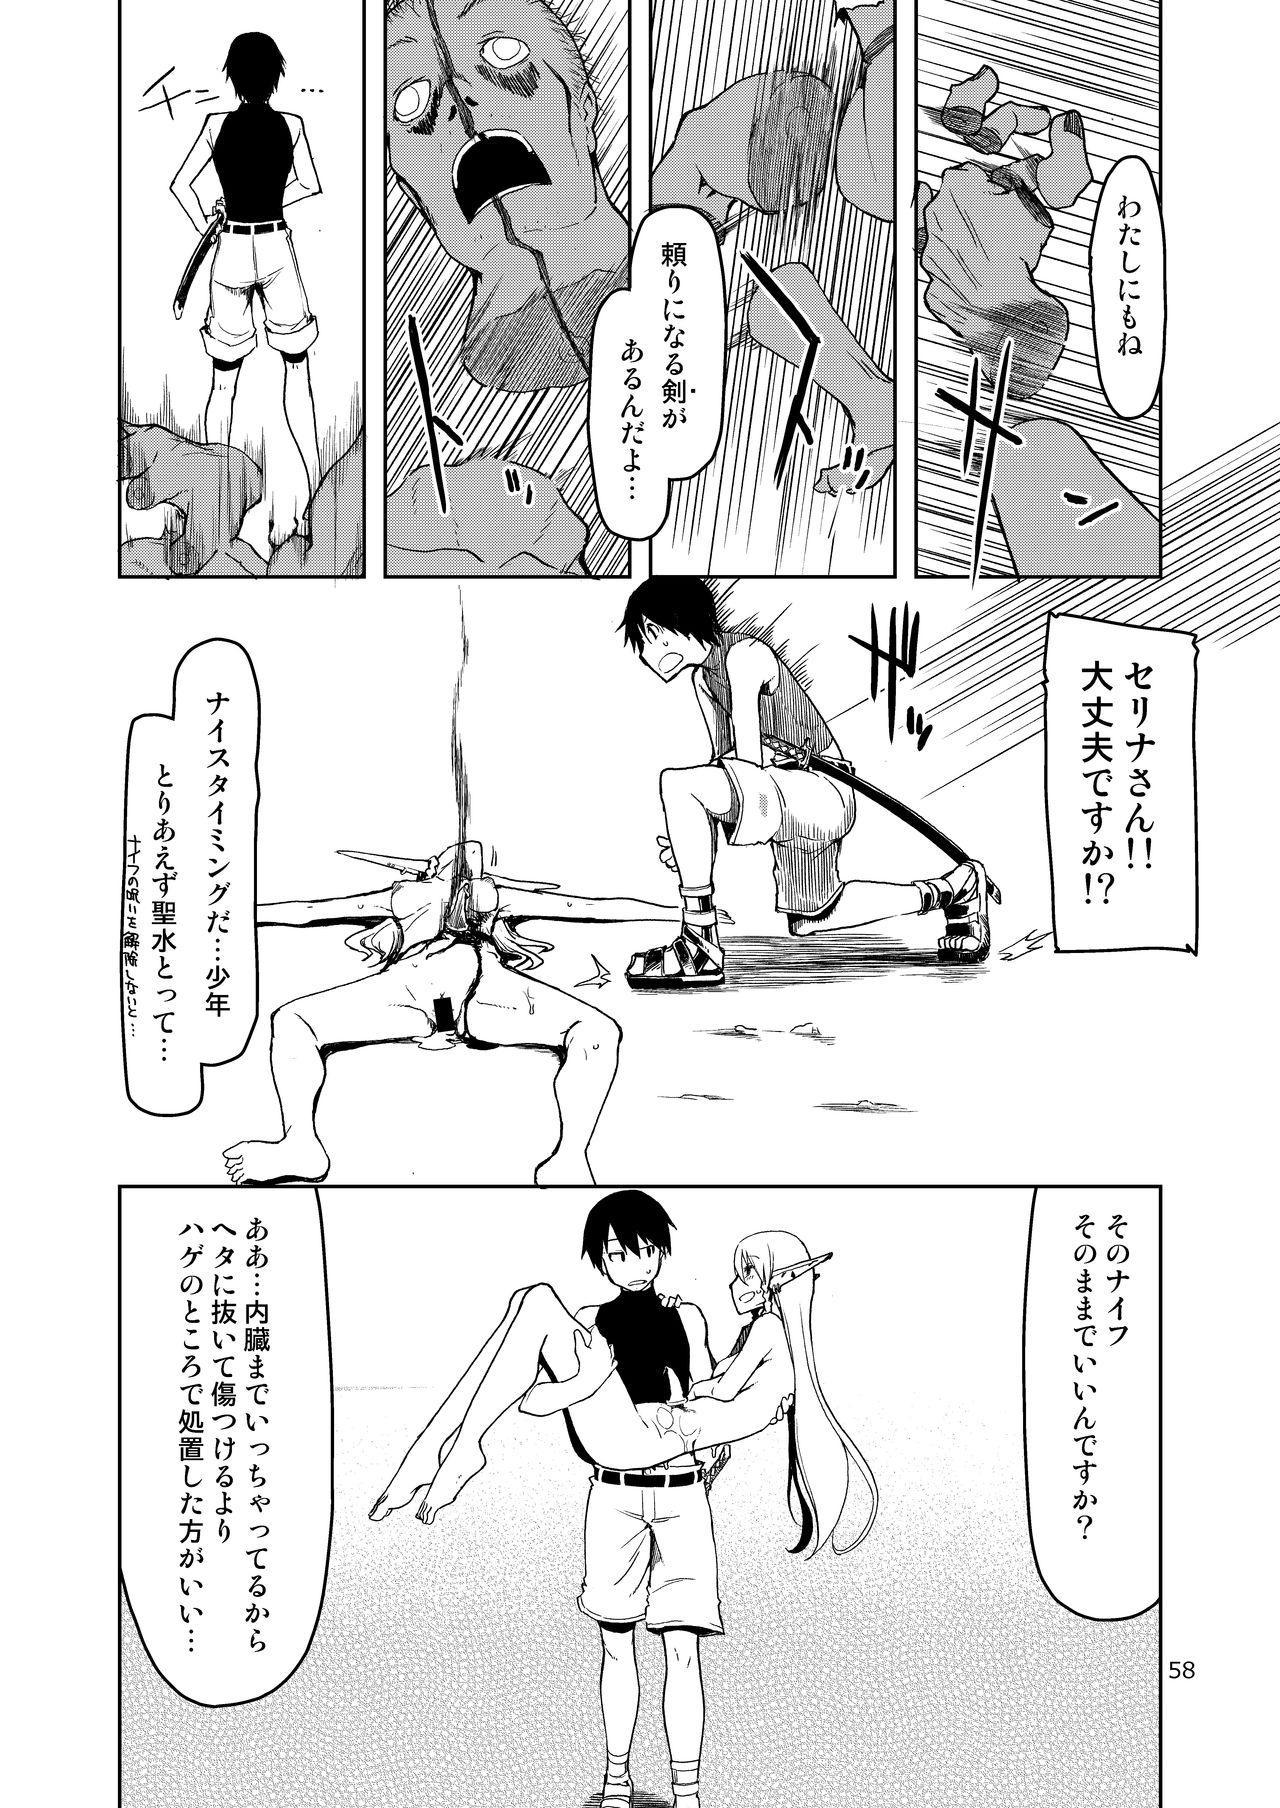 Dosukebe Elf no Ishukan Nikki Matome 2 58